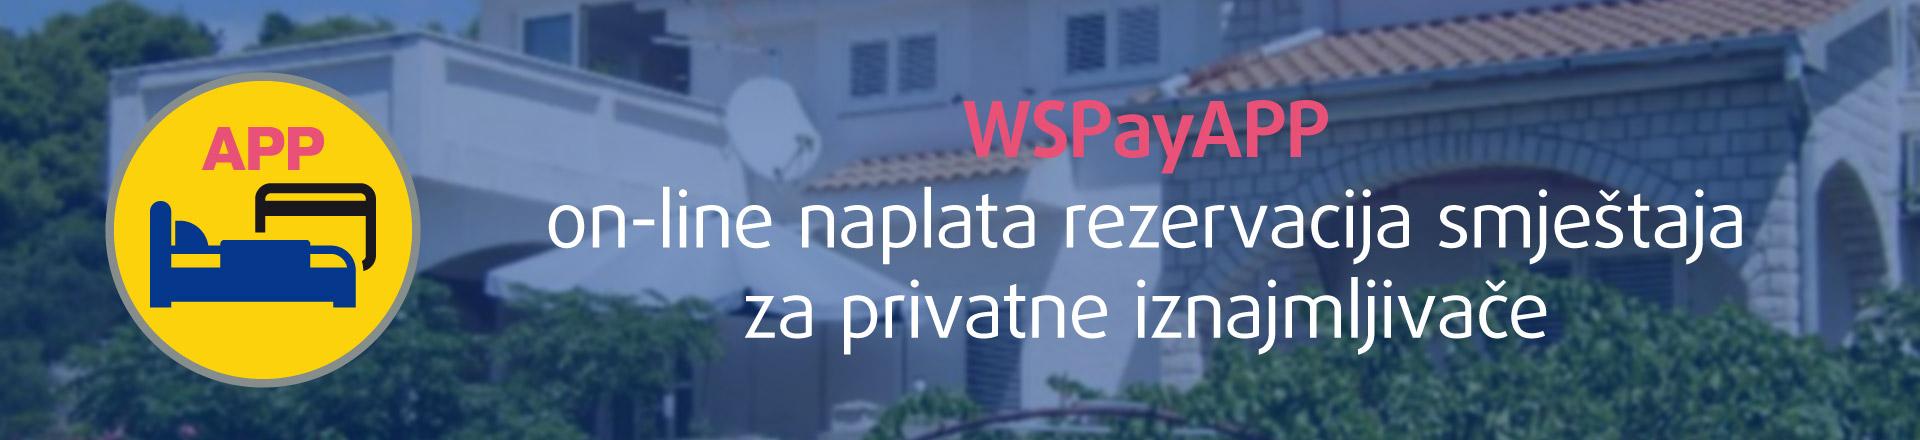 Naplata rezervacija kreditnim karticama za privatne iznajmljivače - aktivacija WSpay™APP usluge